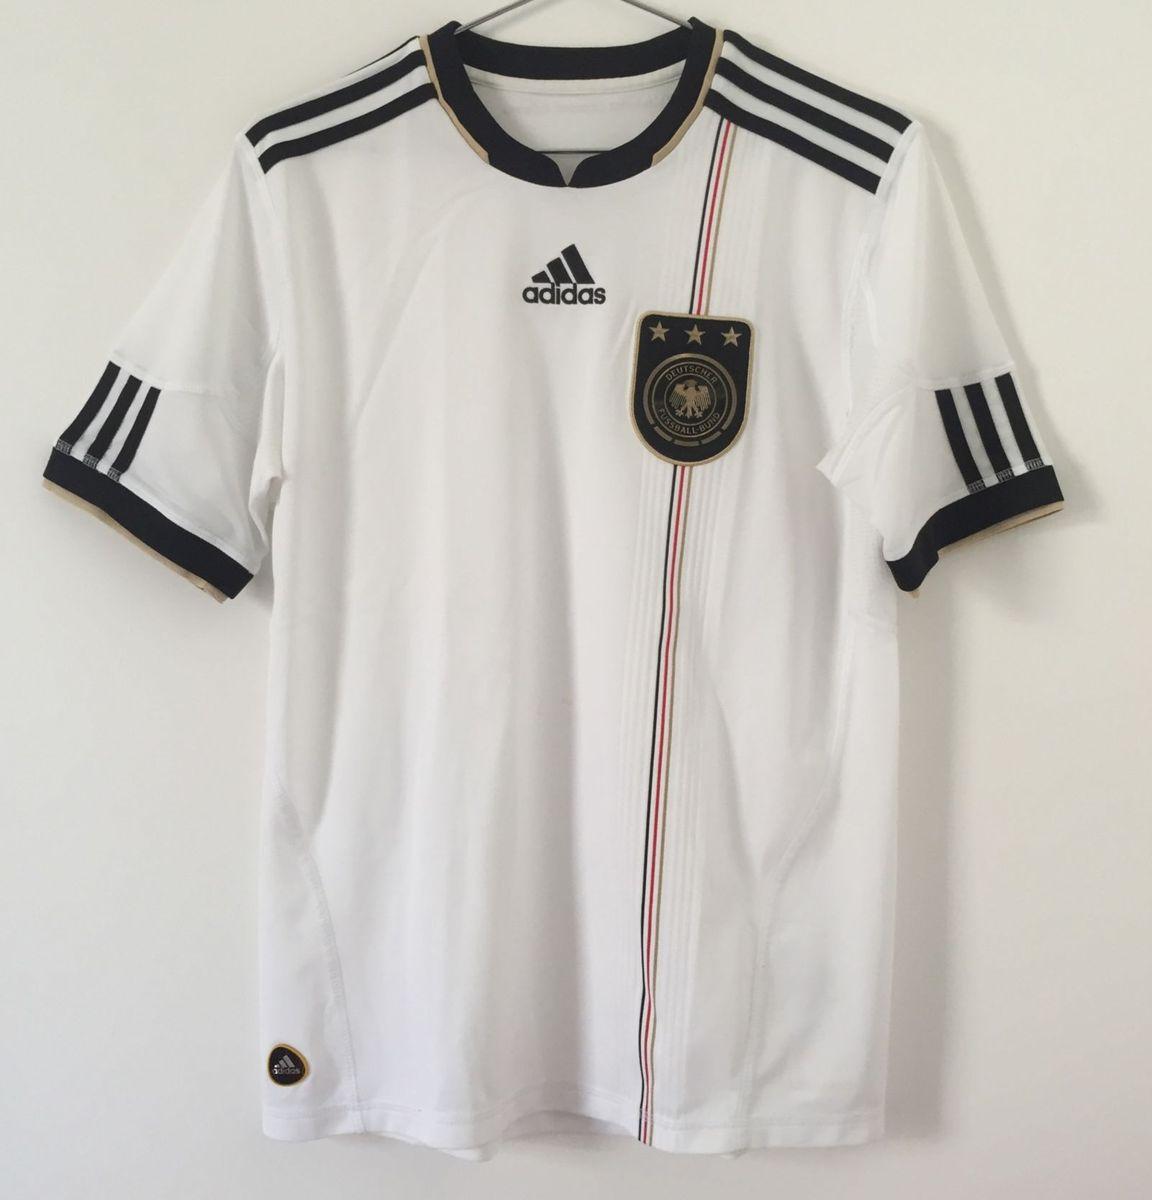 c4ffdb376fcdf camisa alemanha home oficial 2010 - camisas adidas